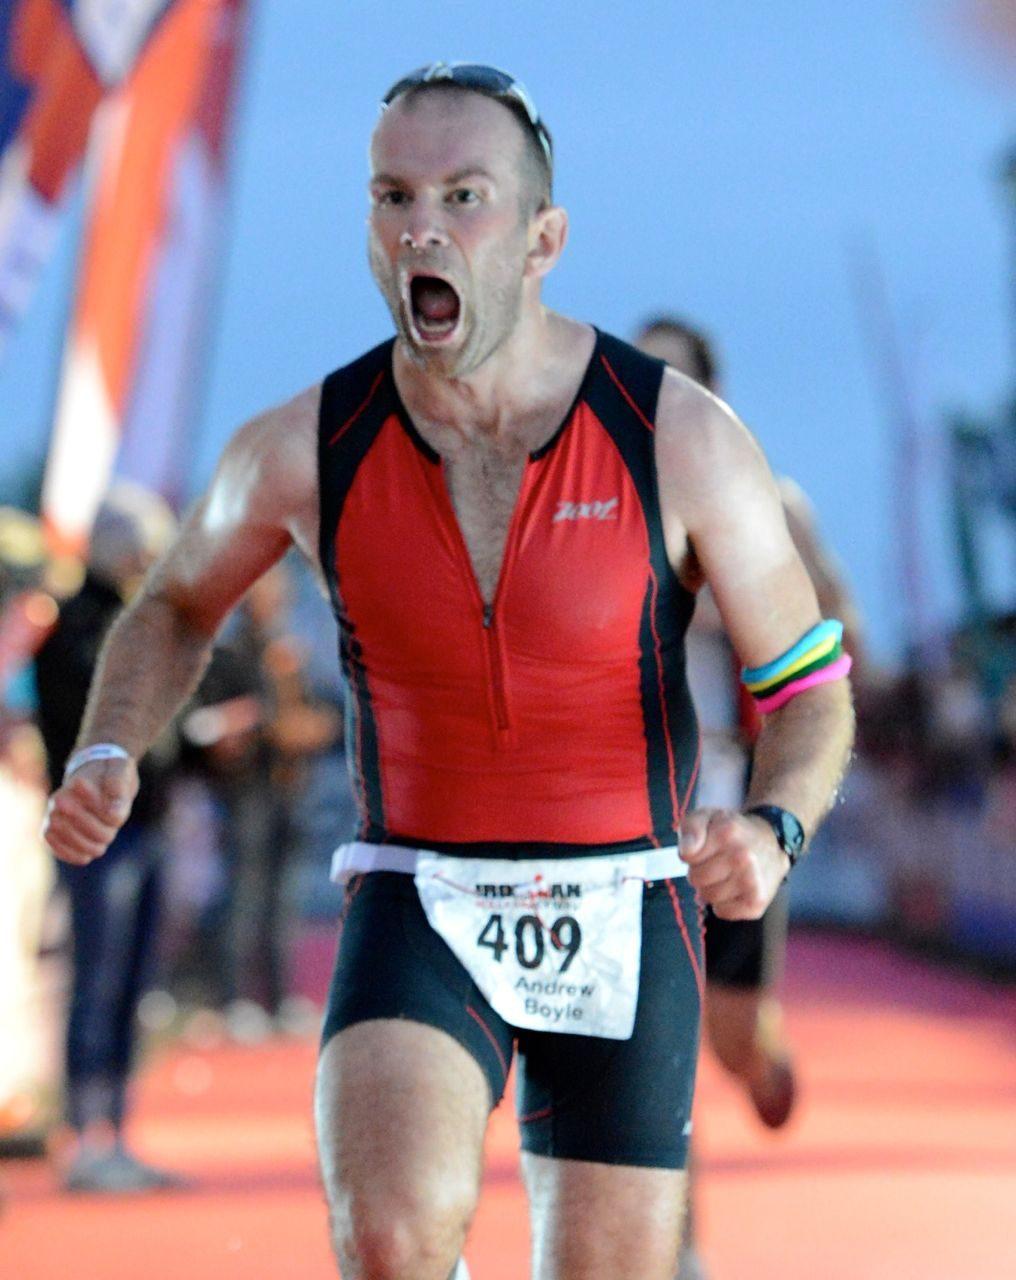 Male triathlete